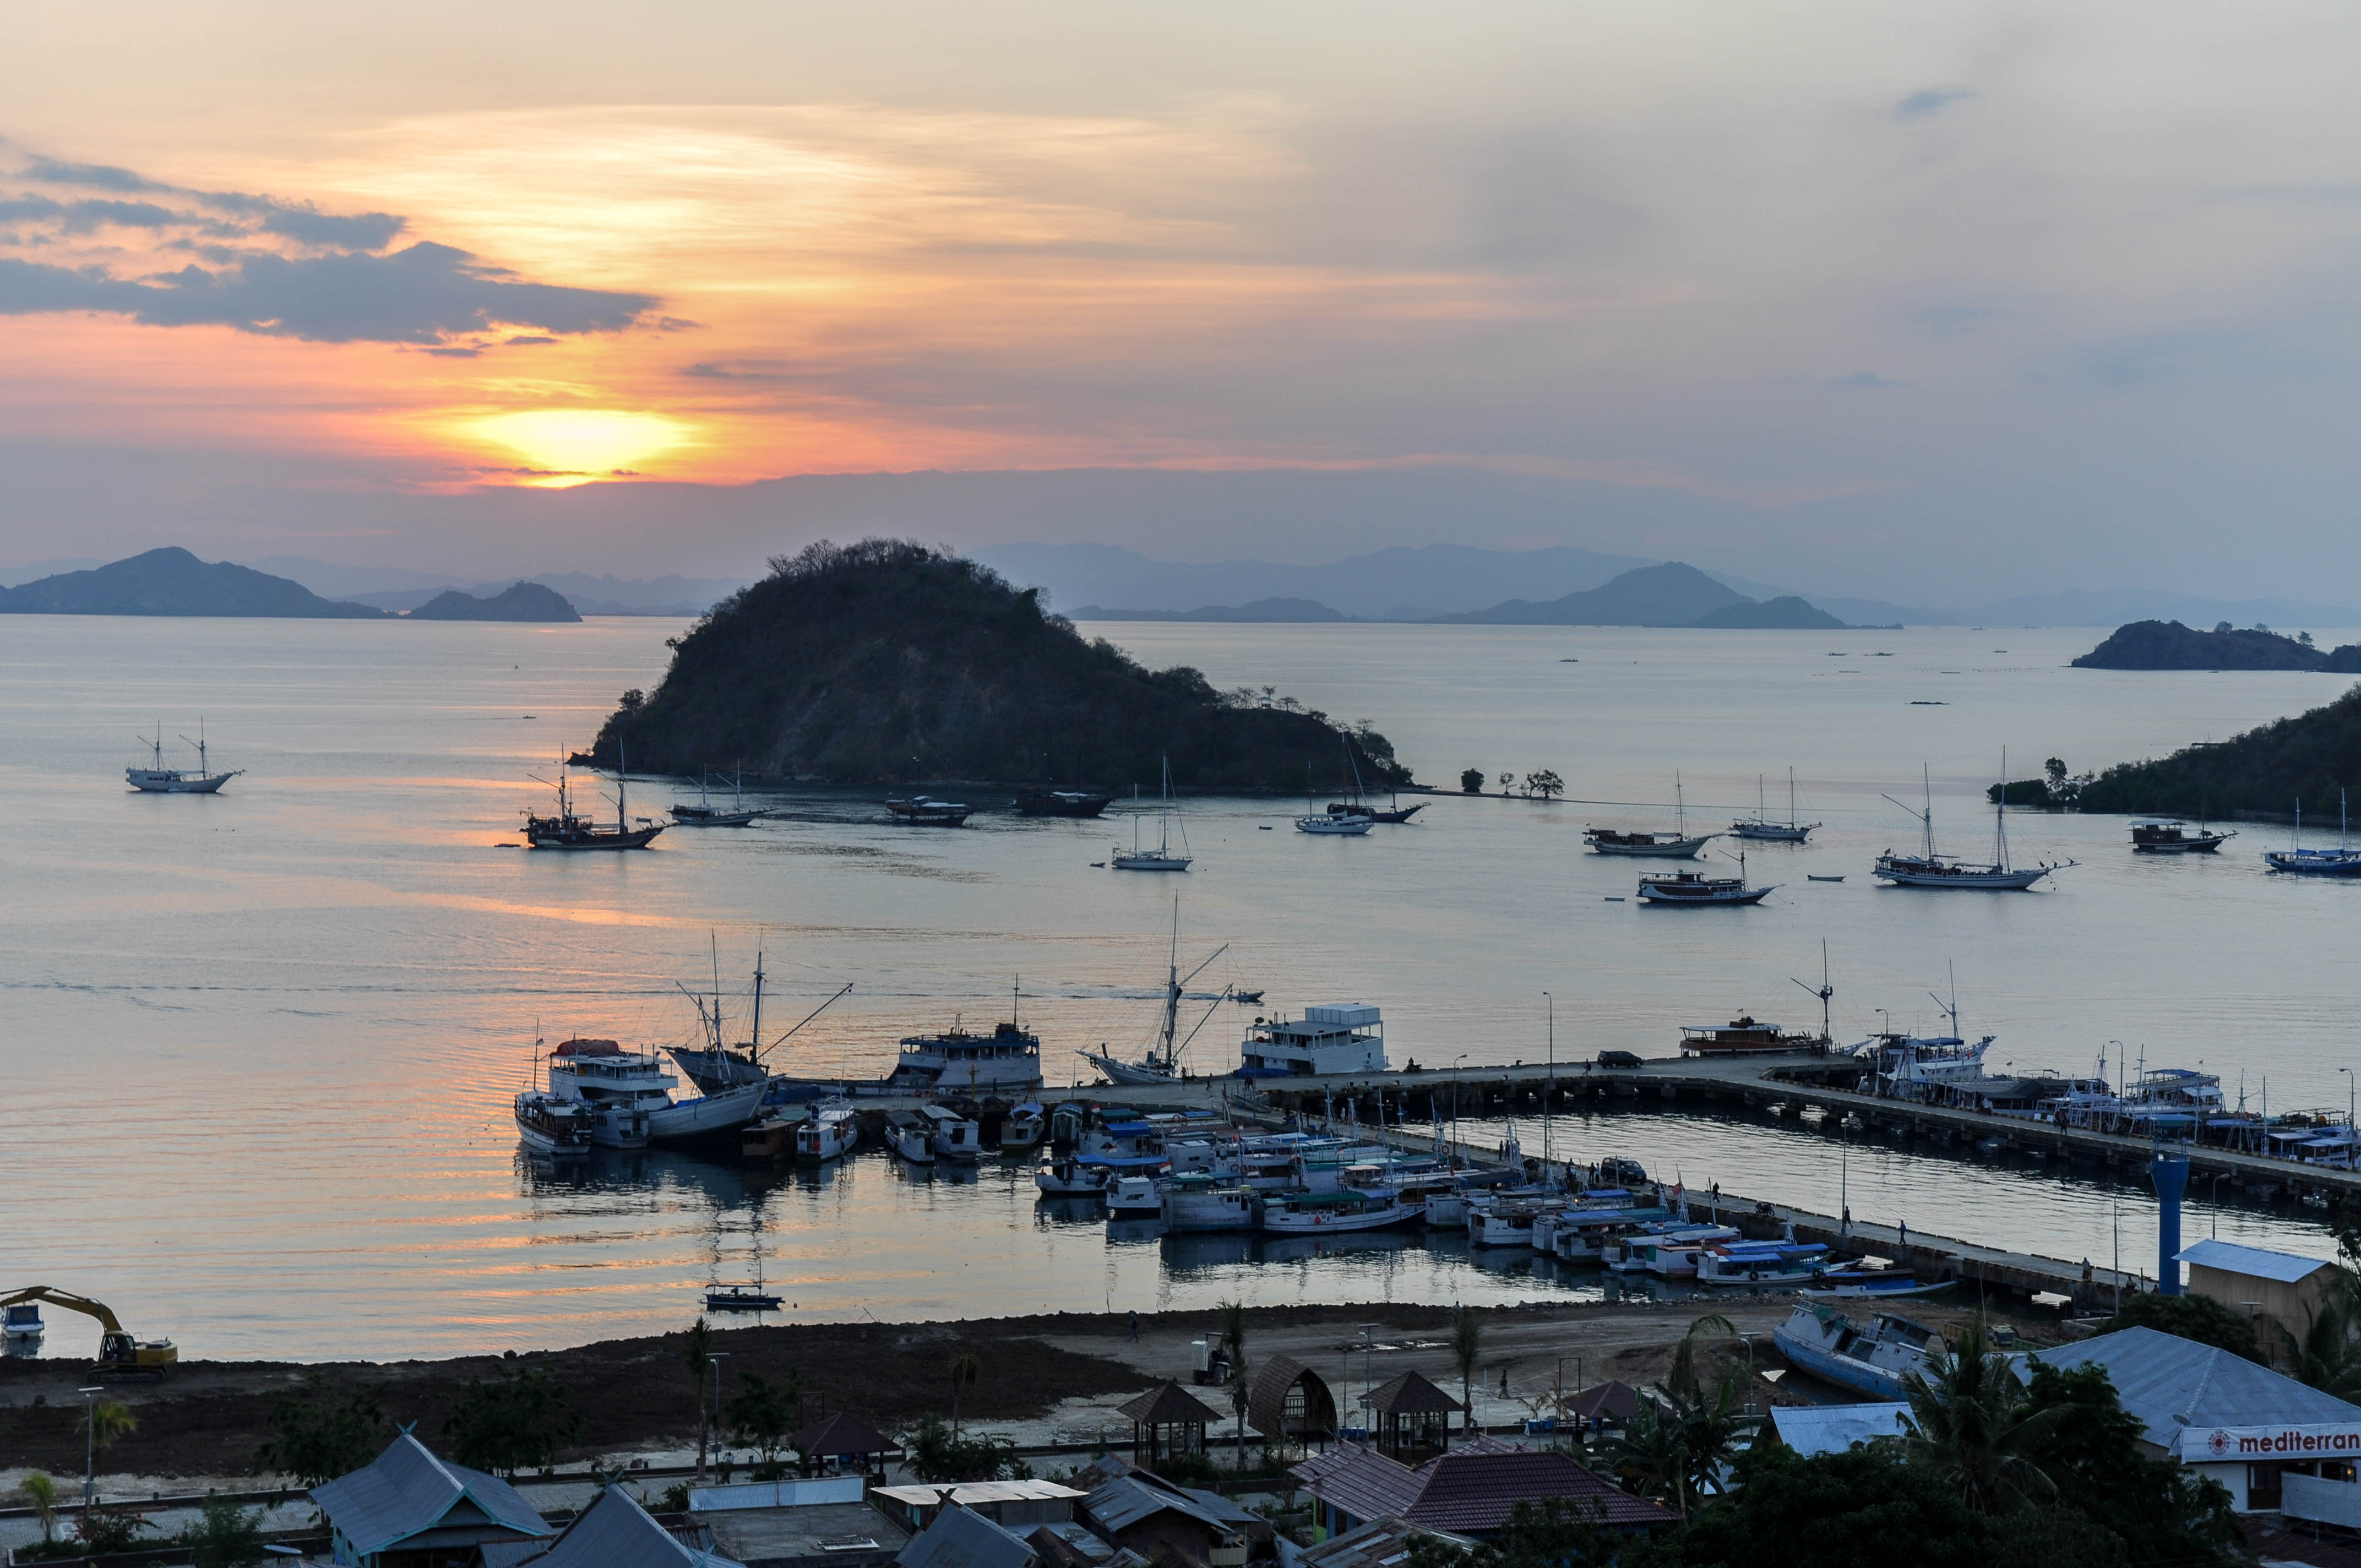 Le village de pêcheurs de Labuan Bajo, Flores Indonesie